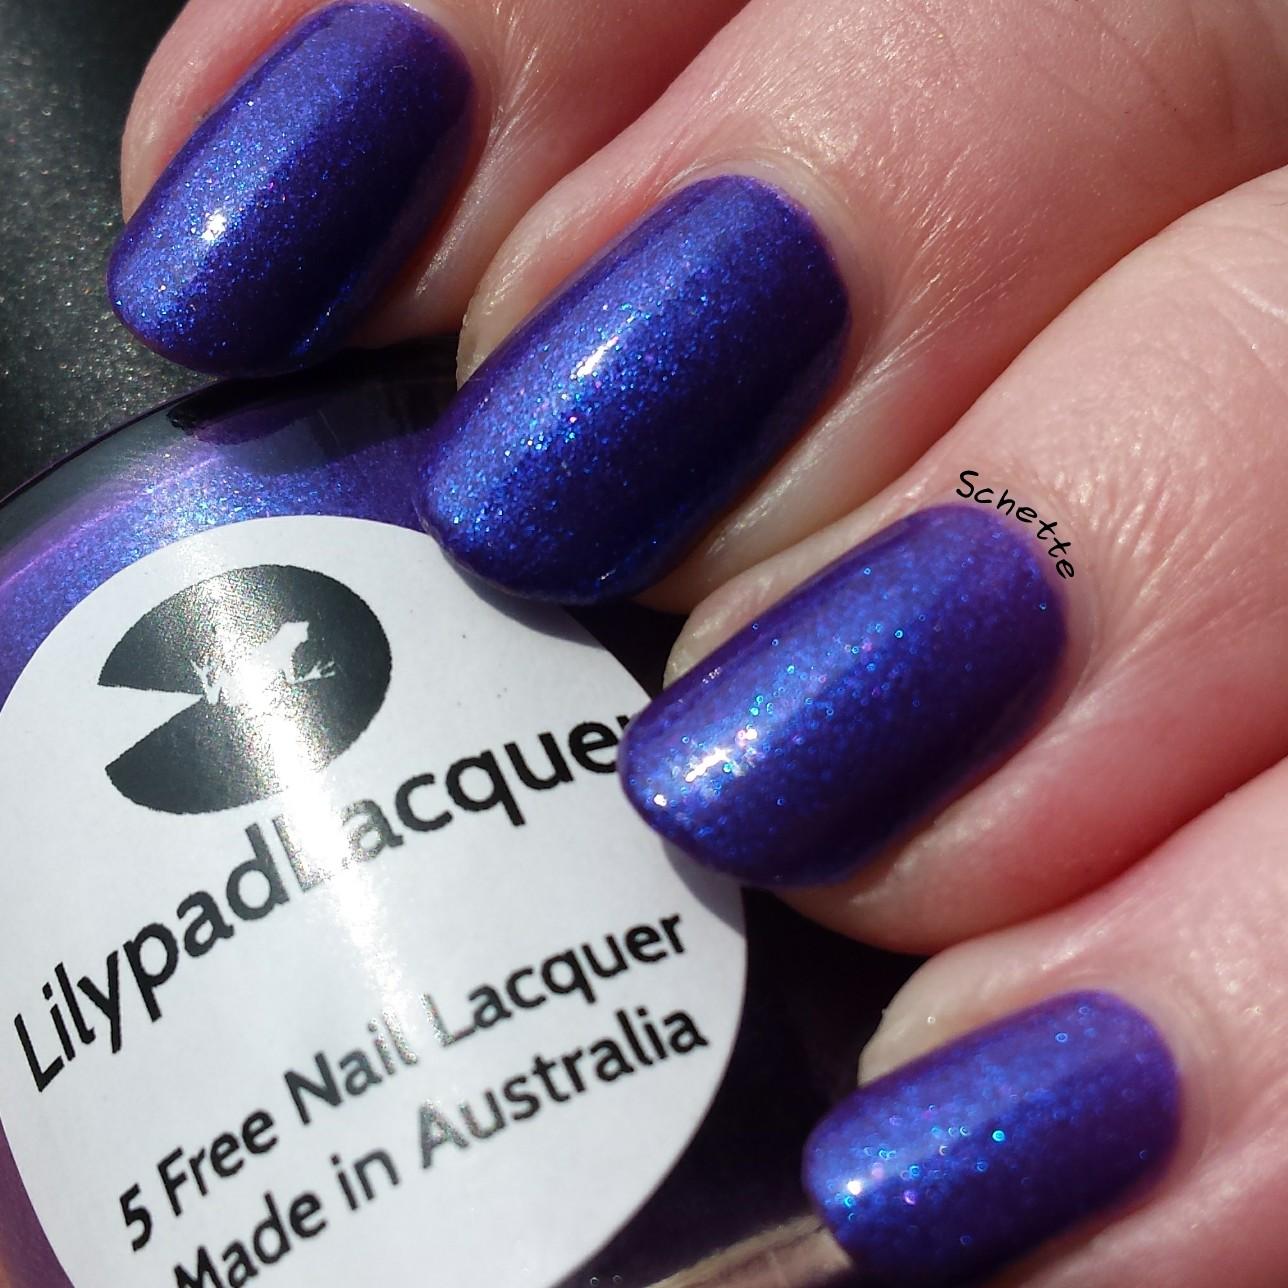 Lilypad Lacquer - Dream Weaver